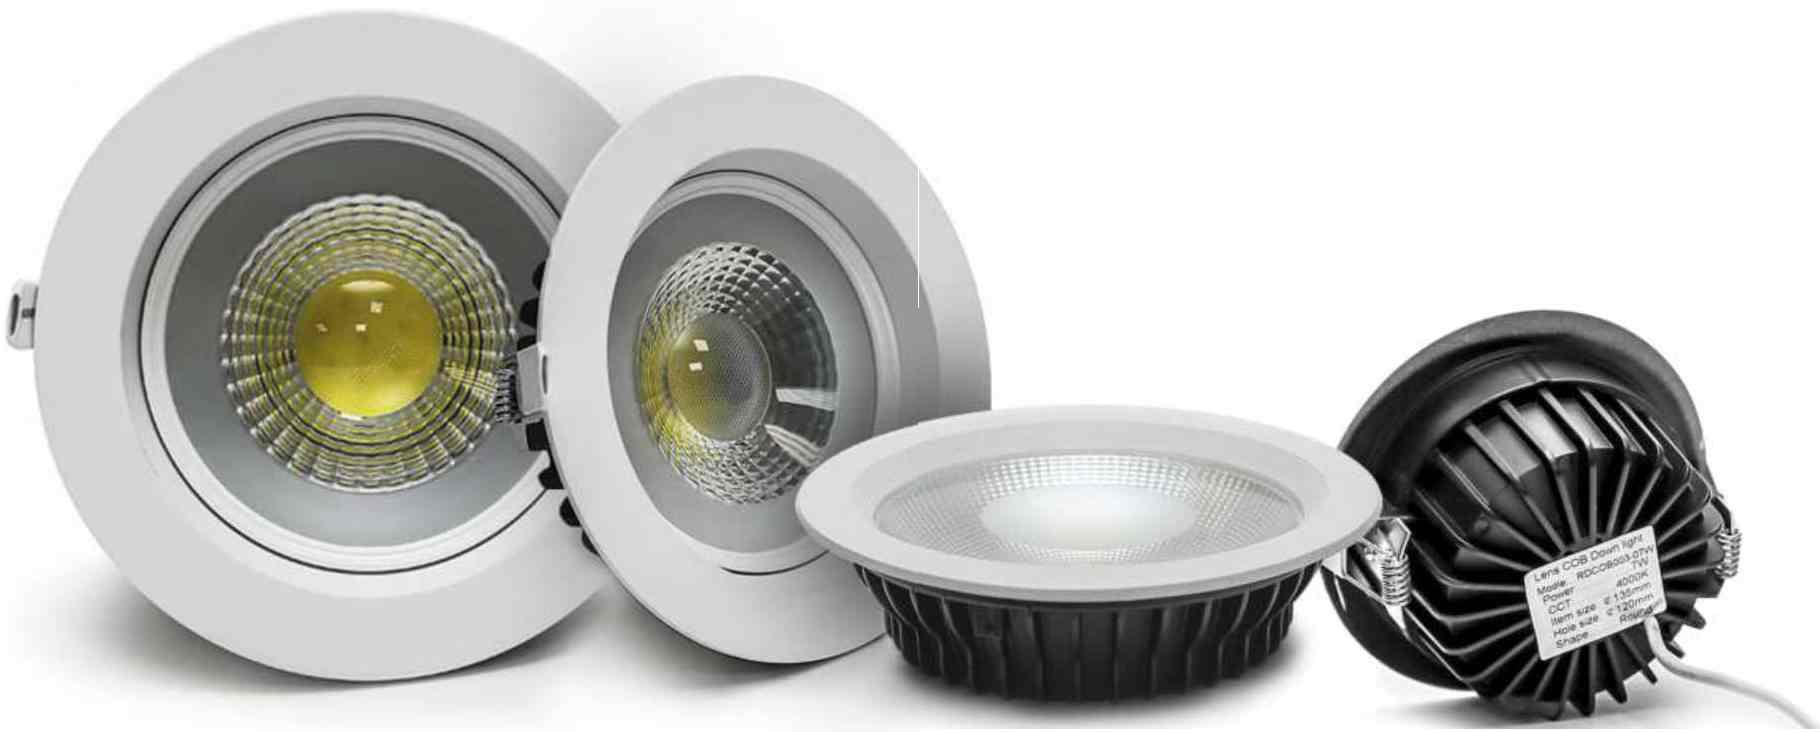 Картинки по запросу светодиодные светильники